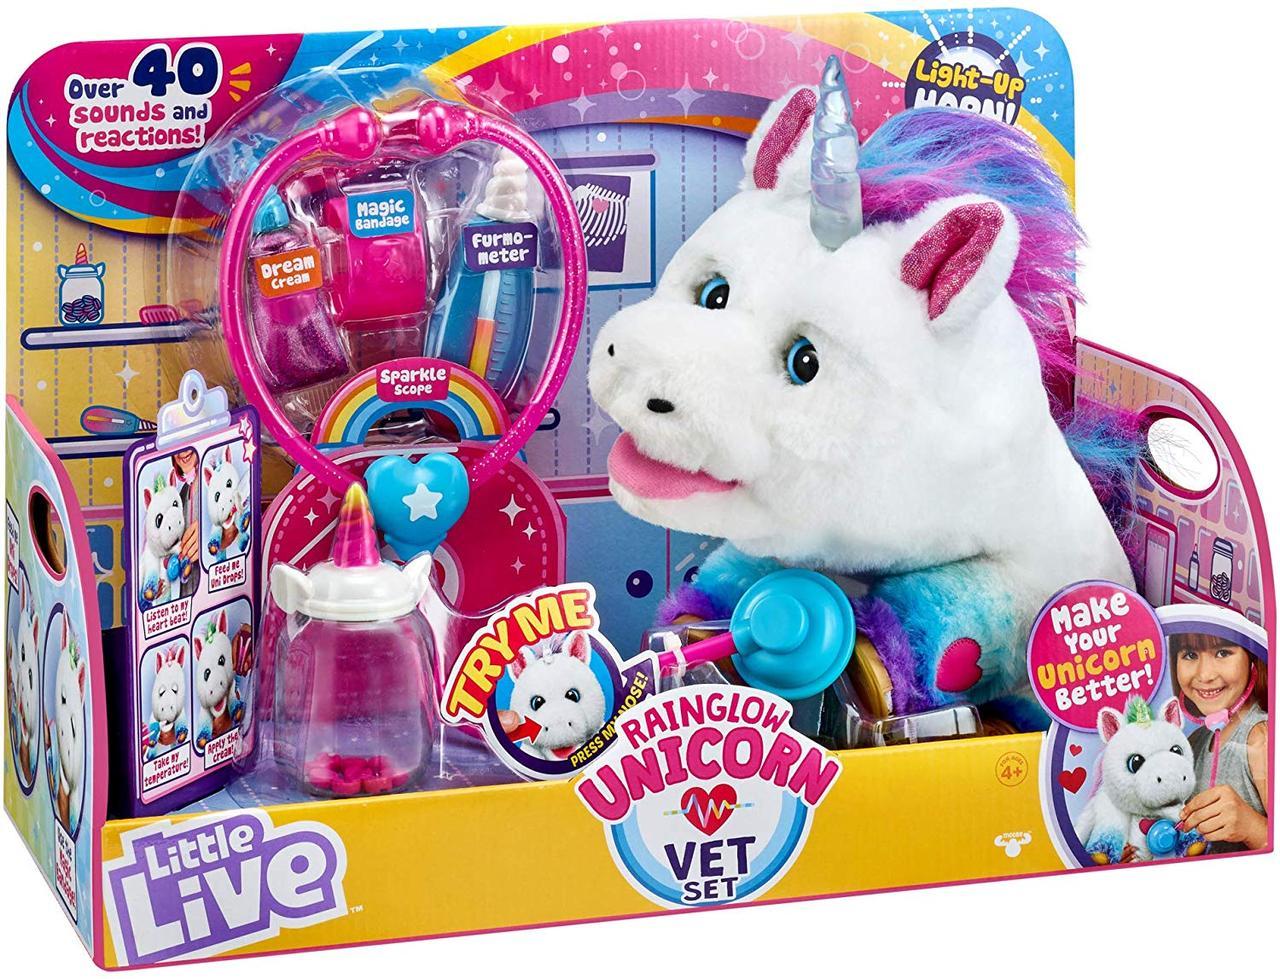 Інтерактивний єдиноріг і набір ветеринара, Little Live Rainglow Unicorn Vet Set. Оригінал з США